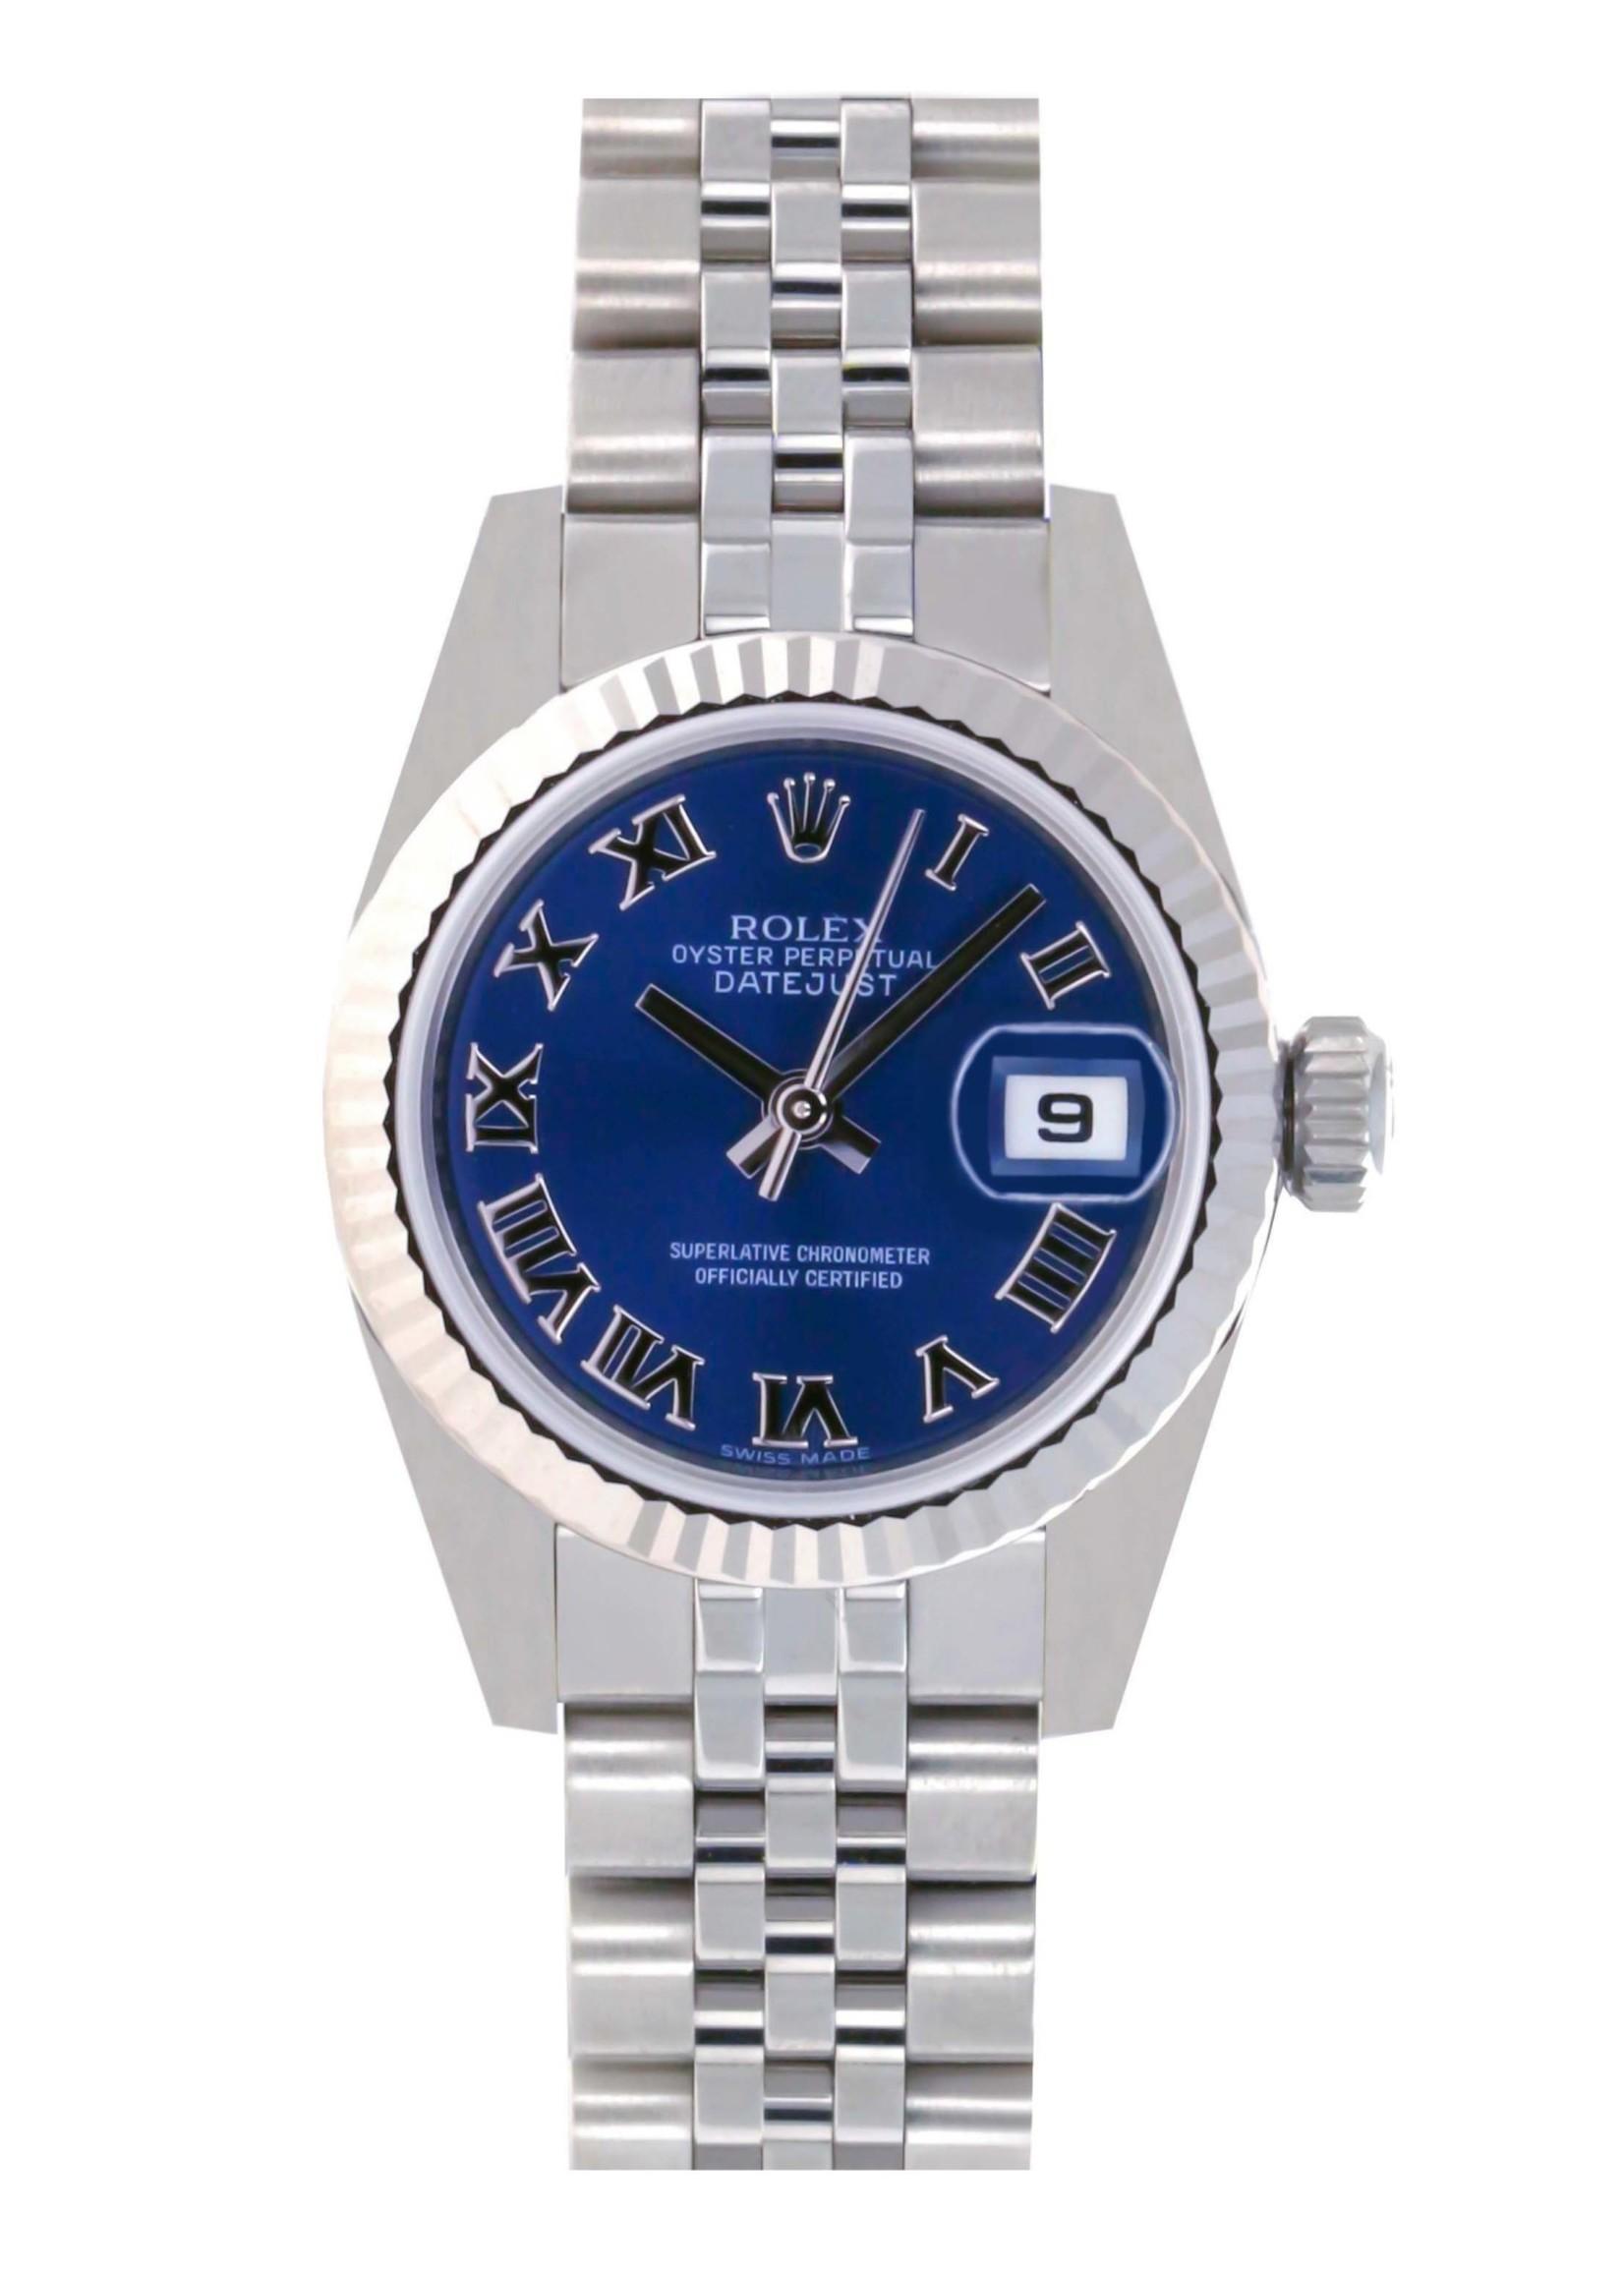 Rolex ROLEX DATEJUST 26MM (2006 B+P) - NEW OLD STOCK #179174